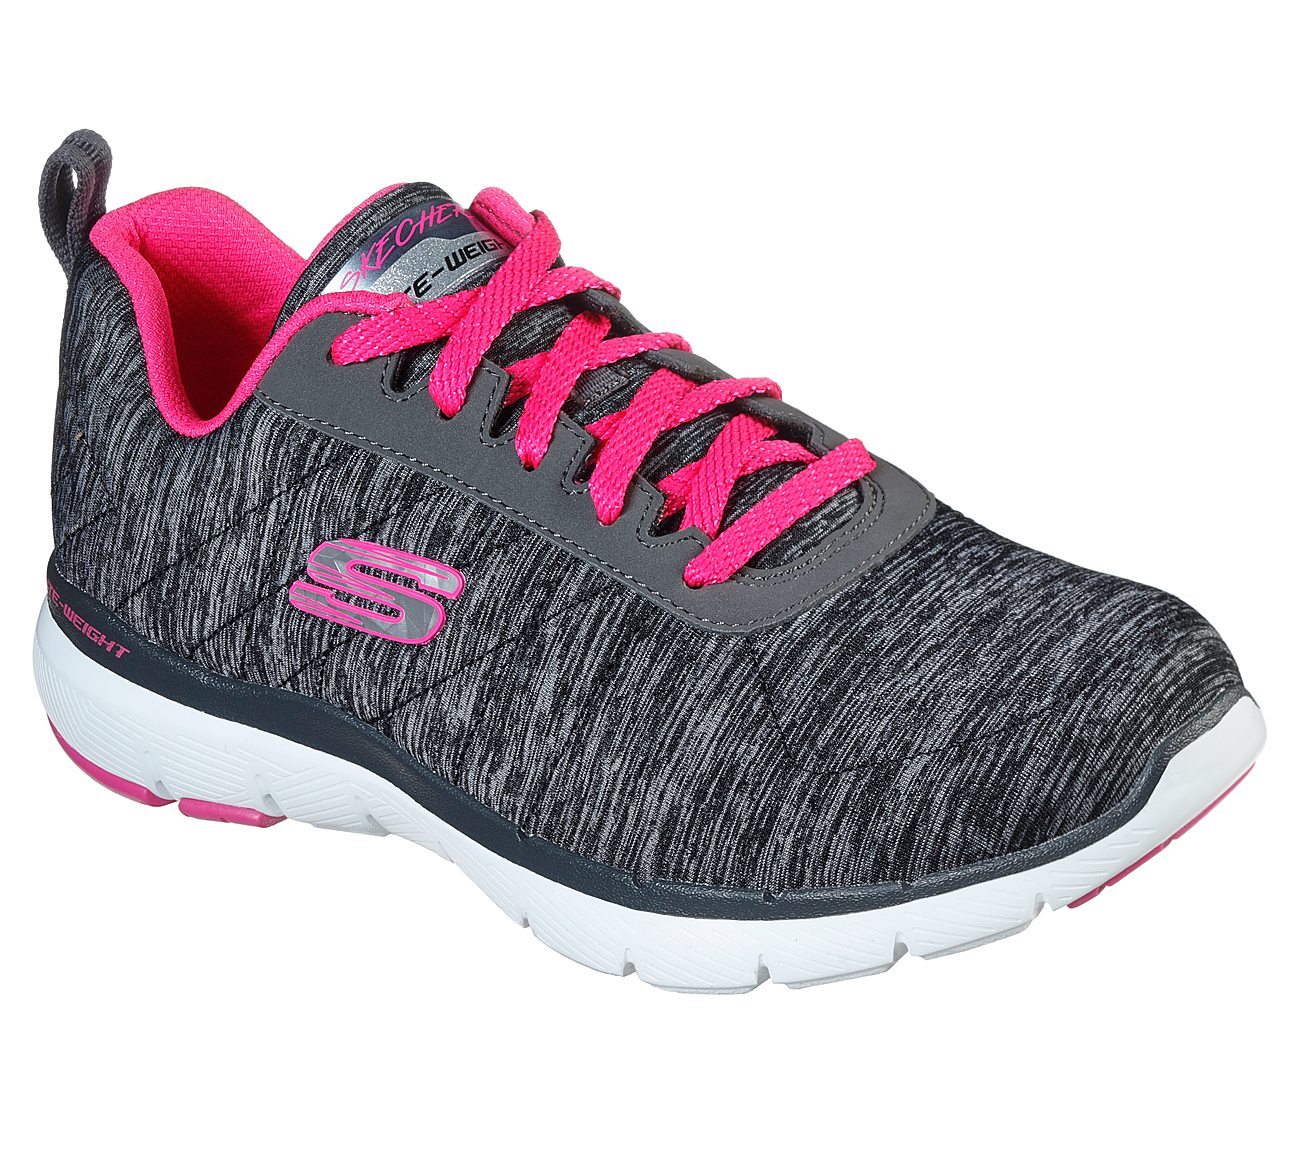 3493595c7391 Buy SKECHERS Flex Appeal 3.0 - Insiders Flex Appeal Shoes only  65.00